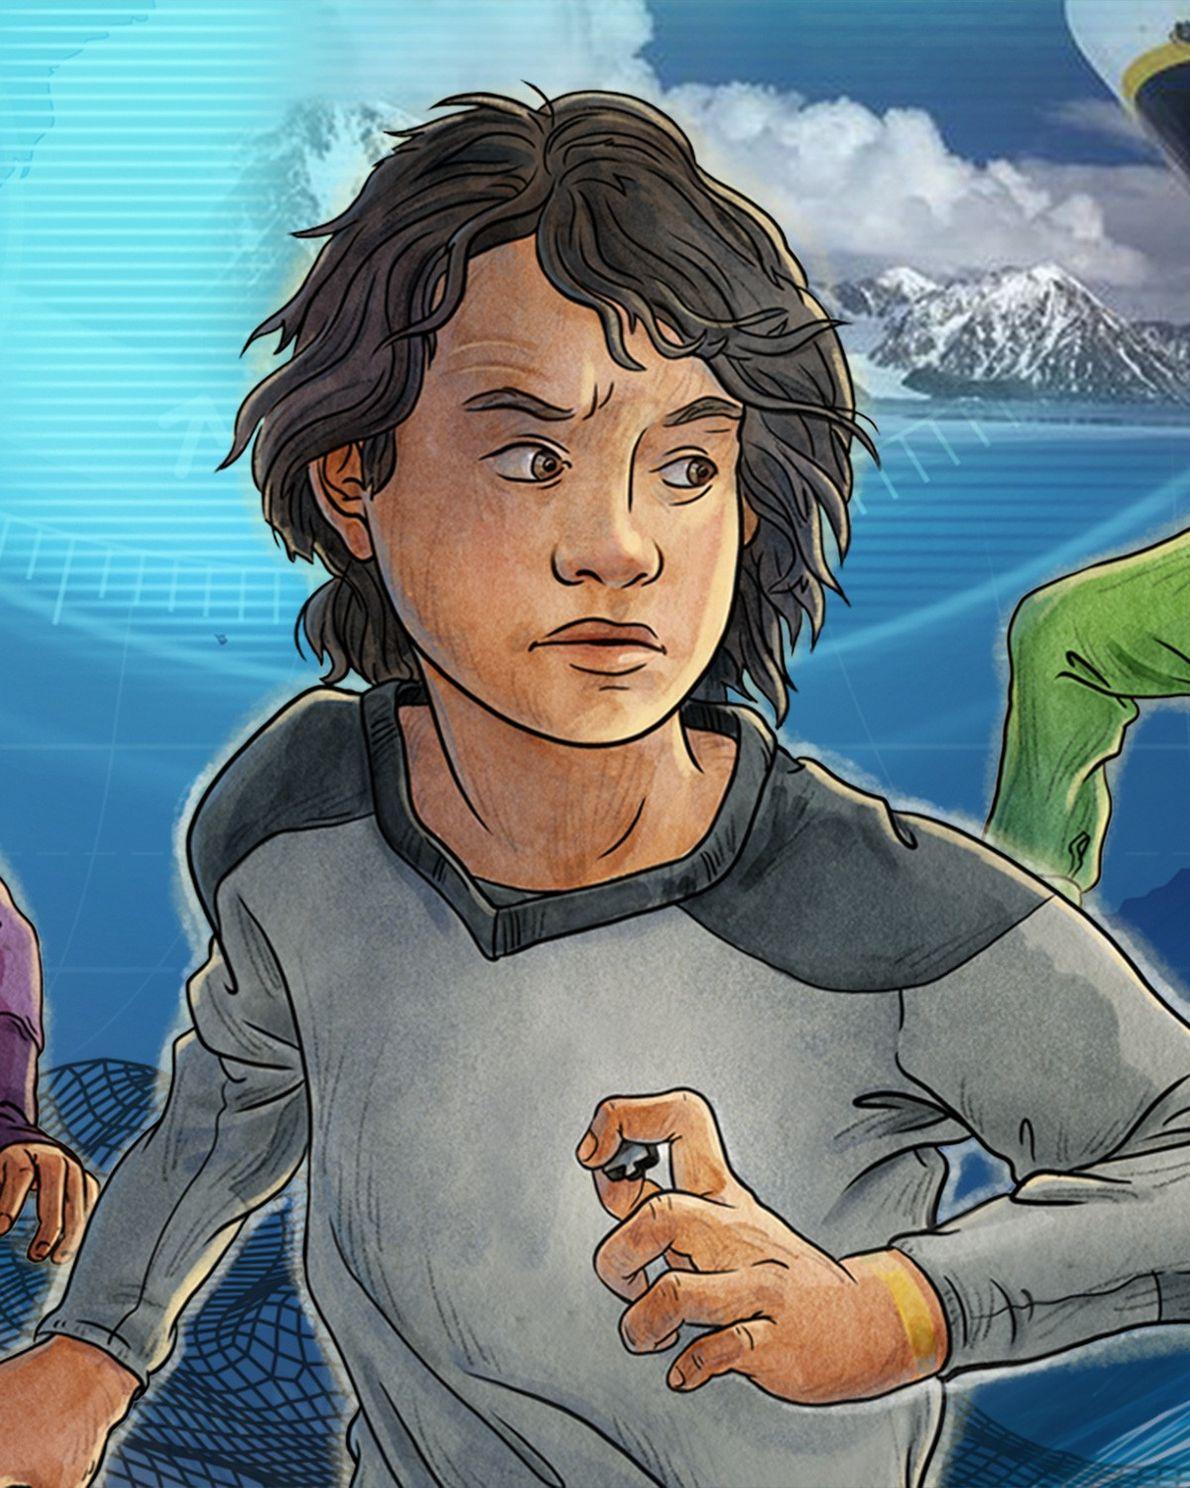 Cruz Coronado Cruz acaba de ingresar a la prestigiosa Academia de Exploradores, en donde su madre murió ...